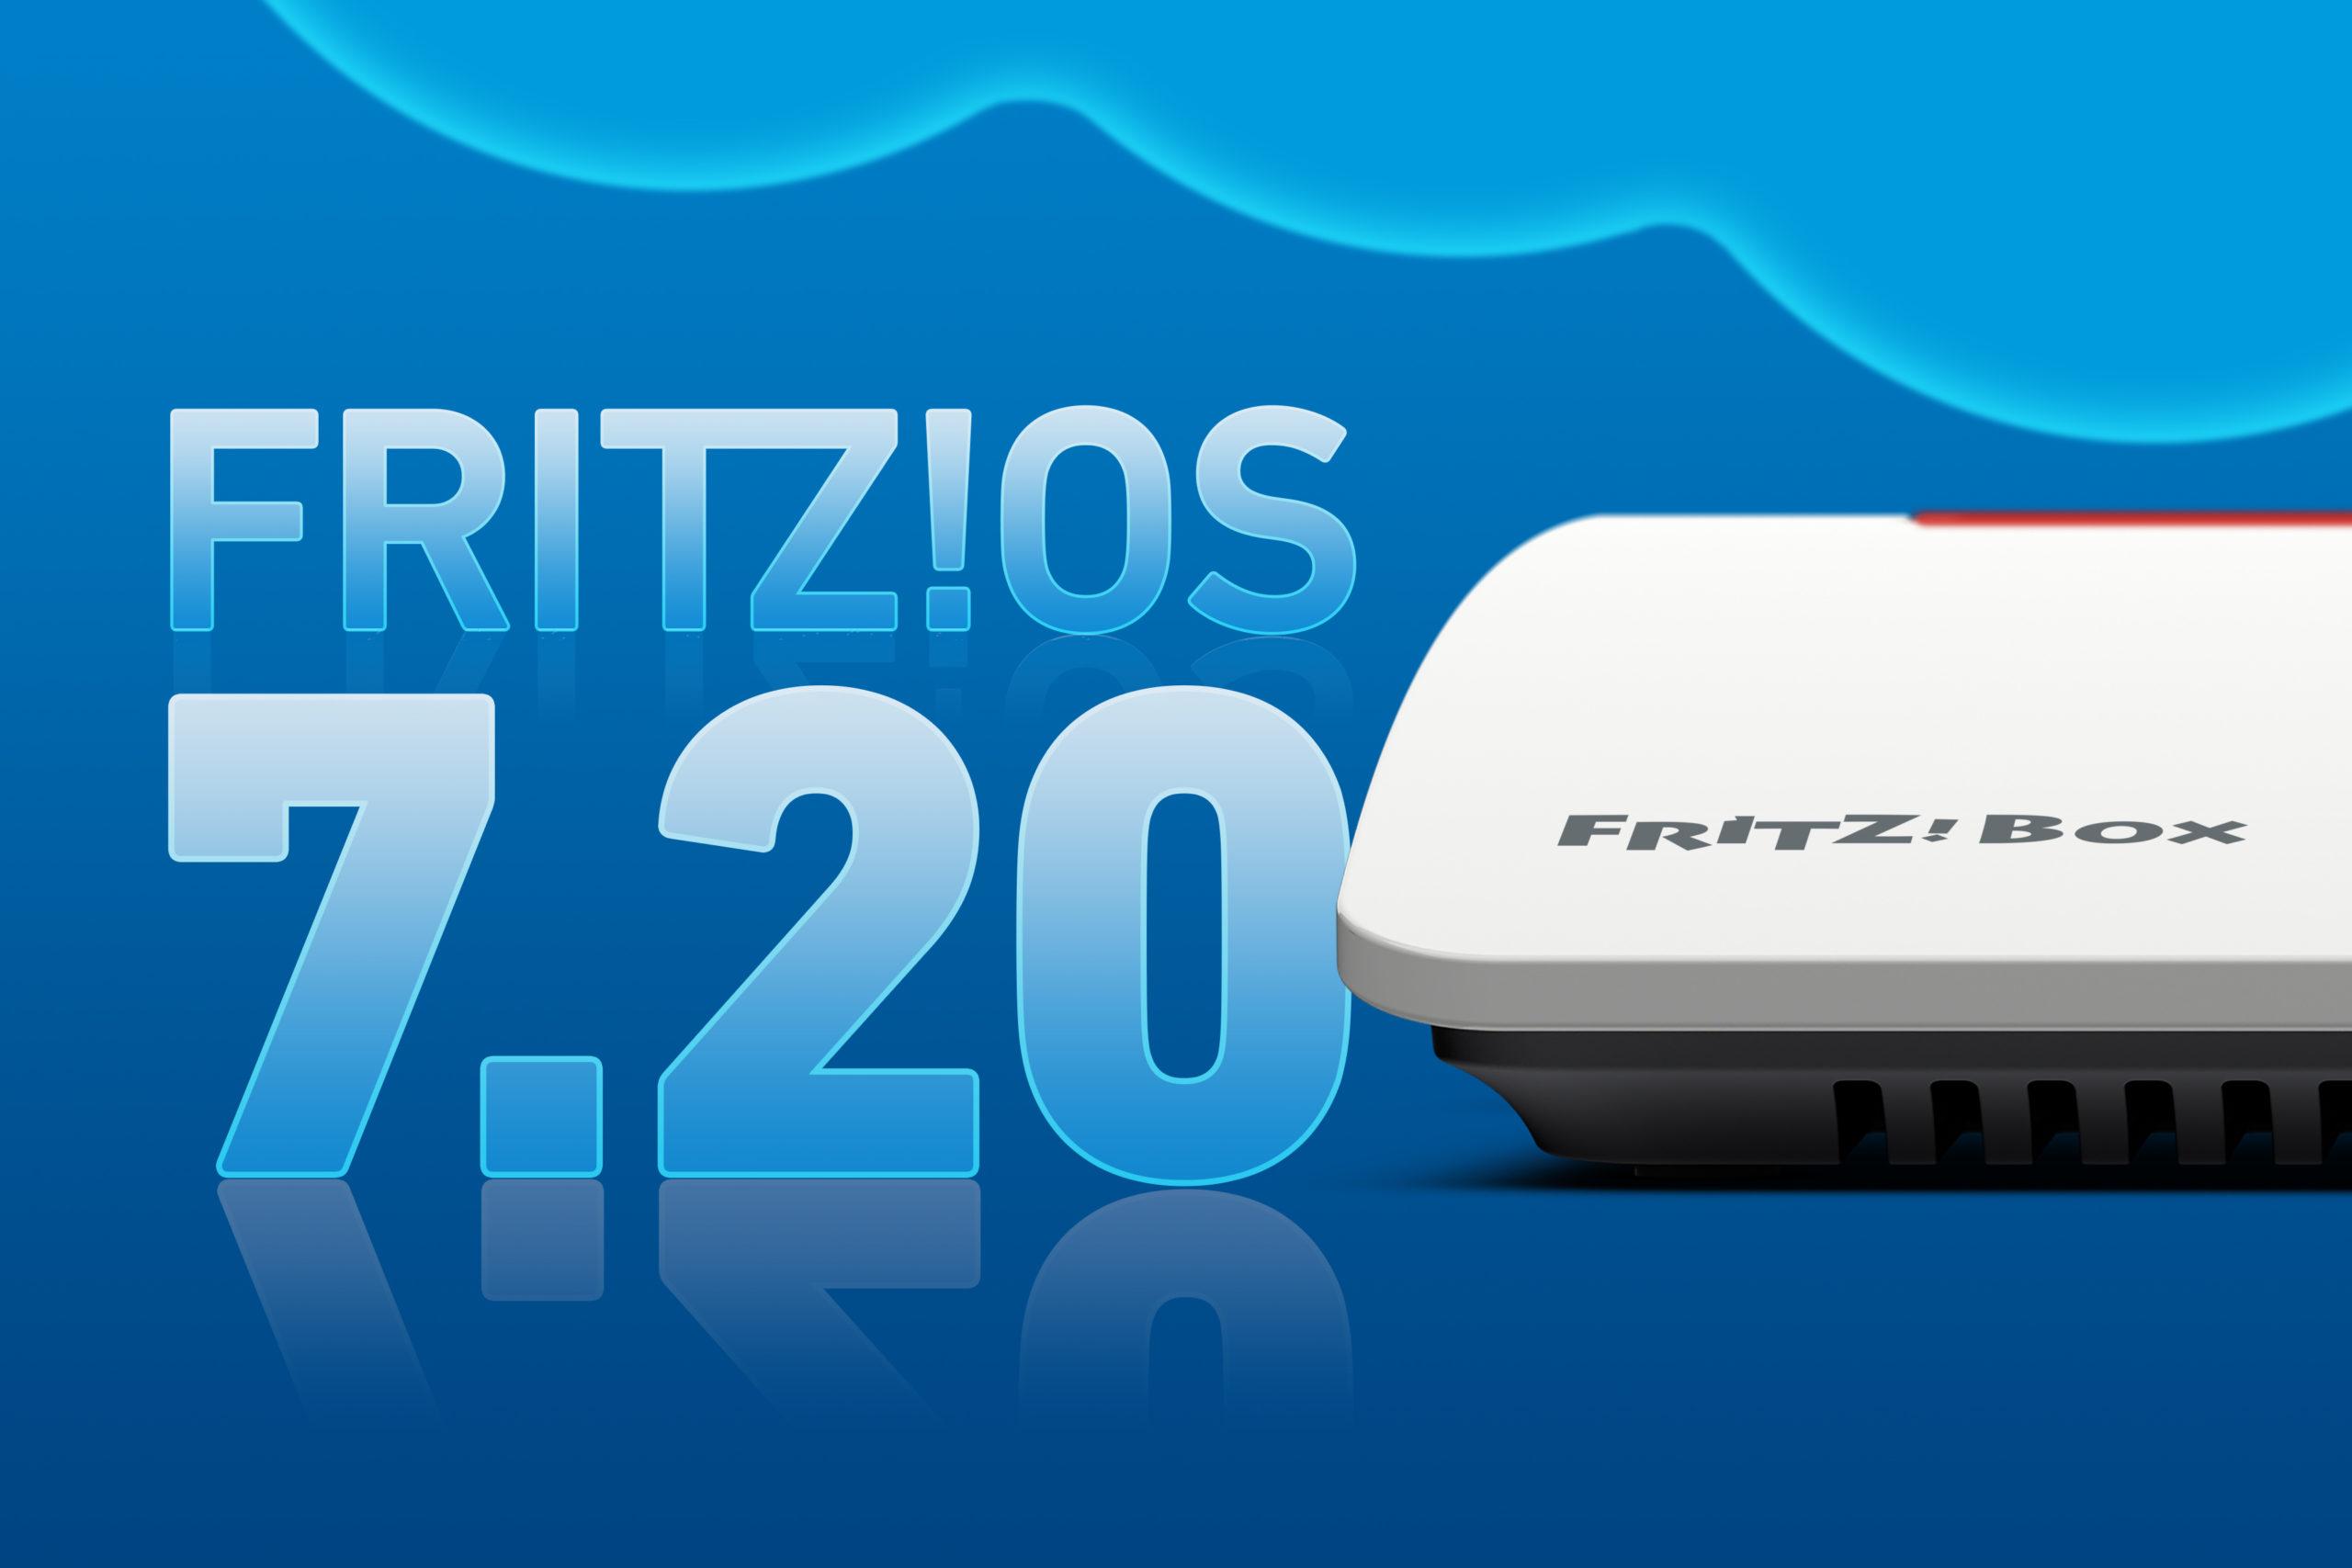 FRITZBox 20, 20 erhalten finales Update auf FRITZOS 20.20 ...